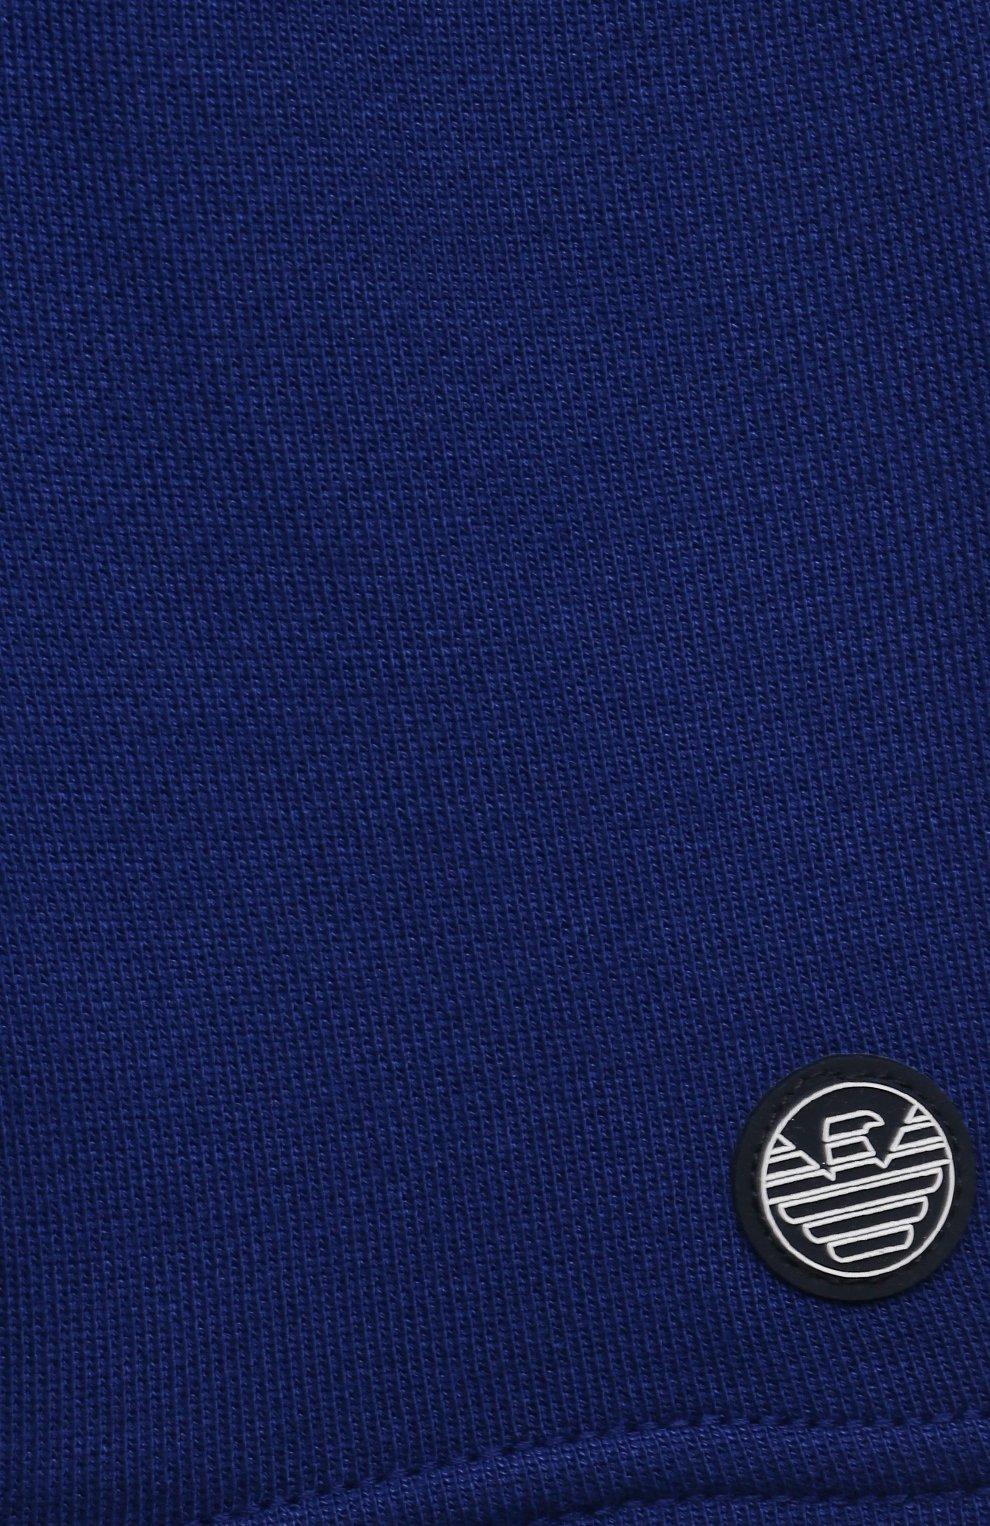 Детские шорты EMPORIO ARMANI синего цвета, арт. 3KHSJ3/4J4IZ   Фото 3